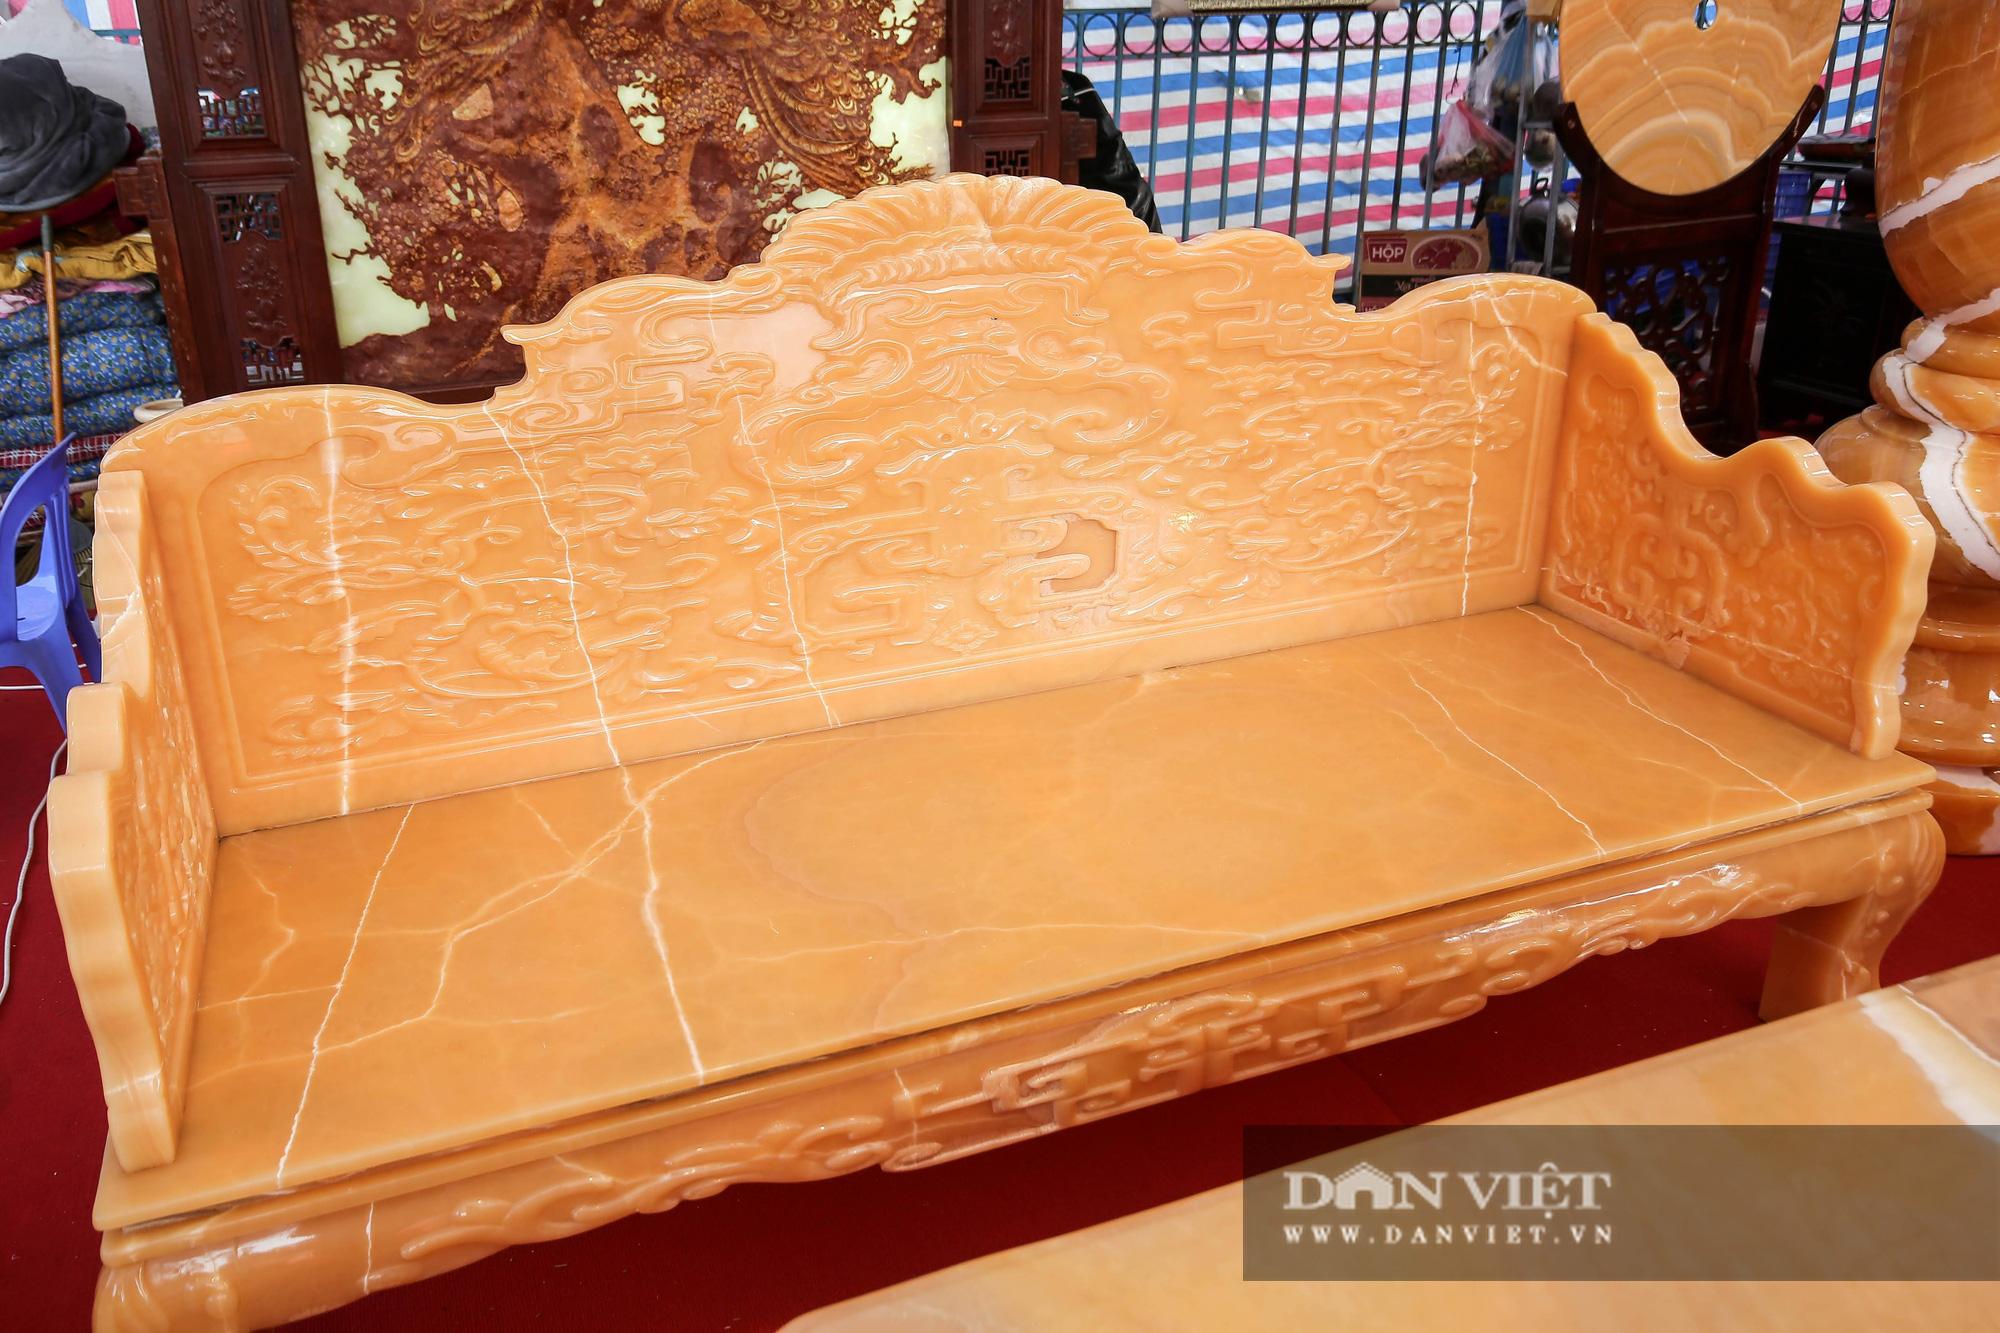 Xôn xao bộ bàn ghế làm bằng ngọc Hoàng Long giá tiền tỷ tại Hà Nội - Ảnh 6.